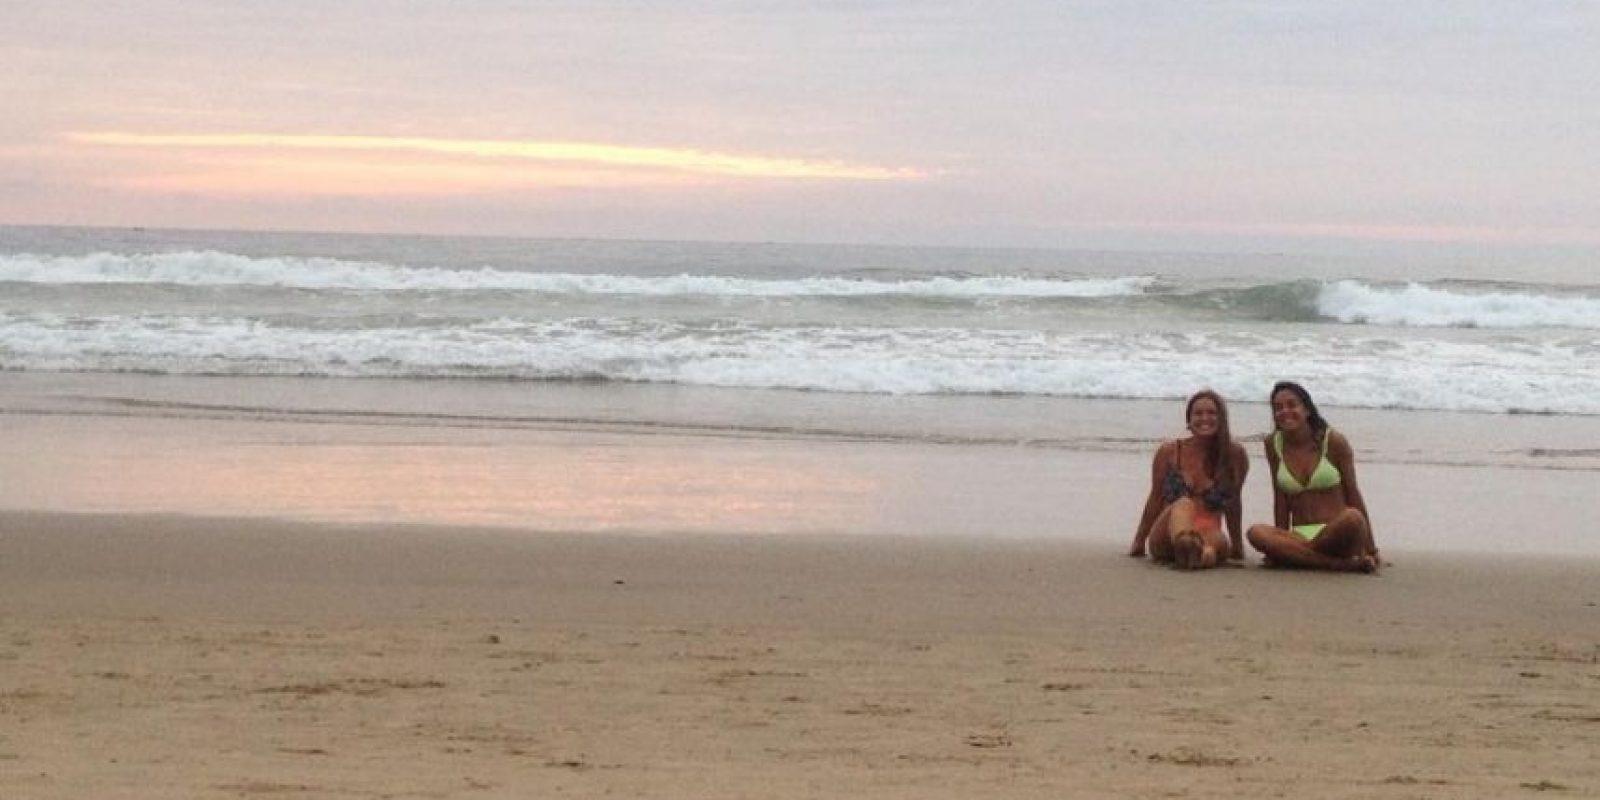 El padre de María José Coni cree que el gobierno oculta un caso de trata de personas. Foto:instagram.com/marina.menegazzo/. Imagen Por: